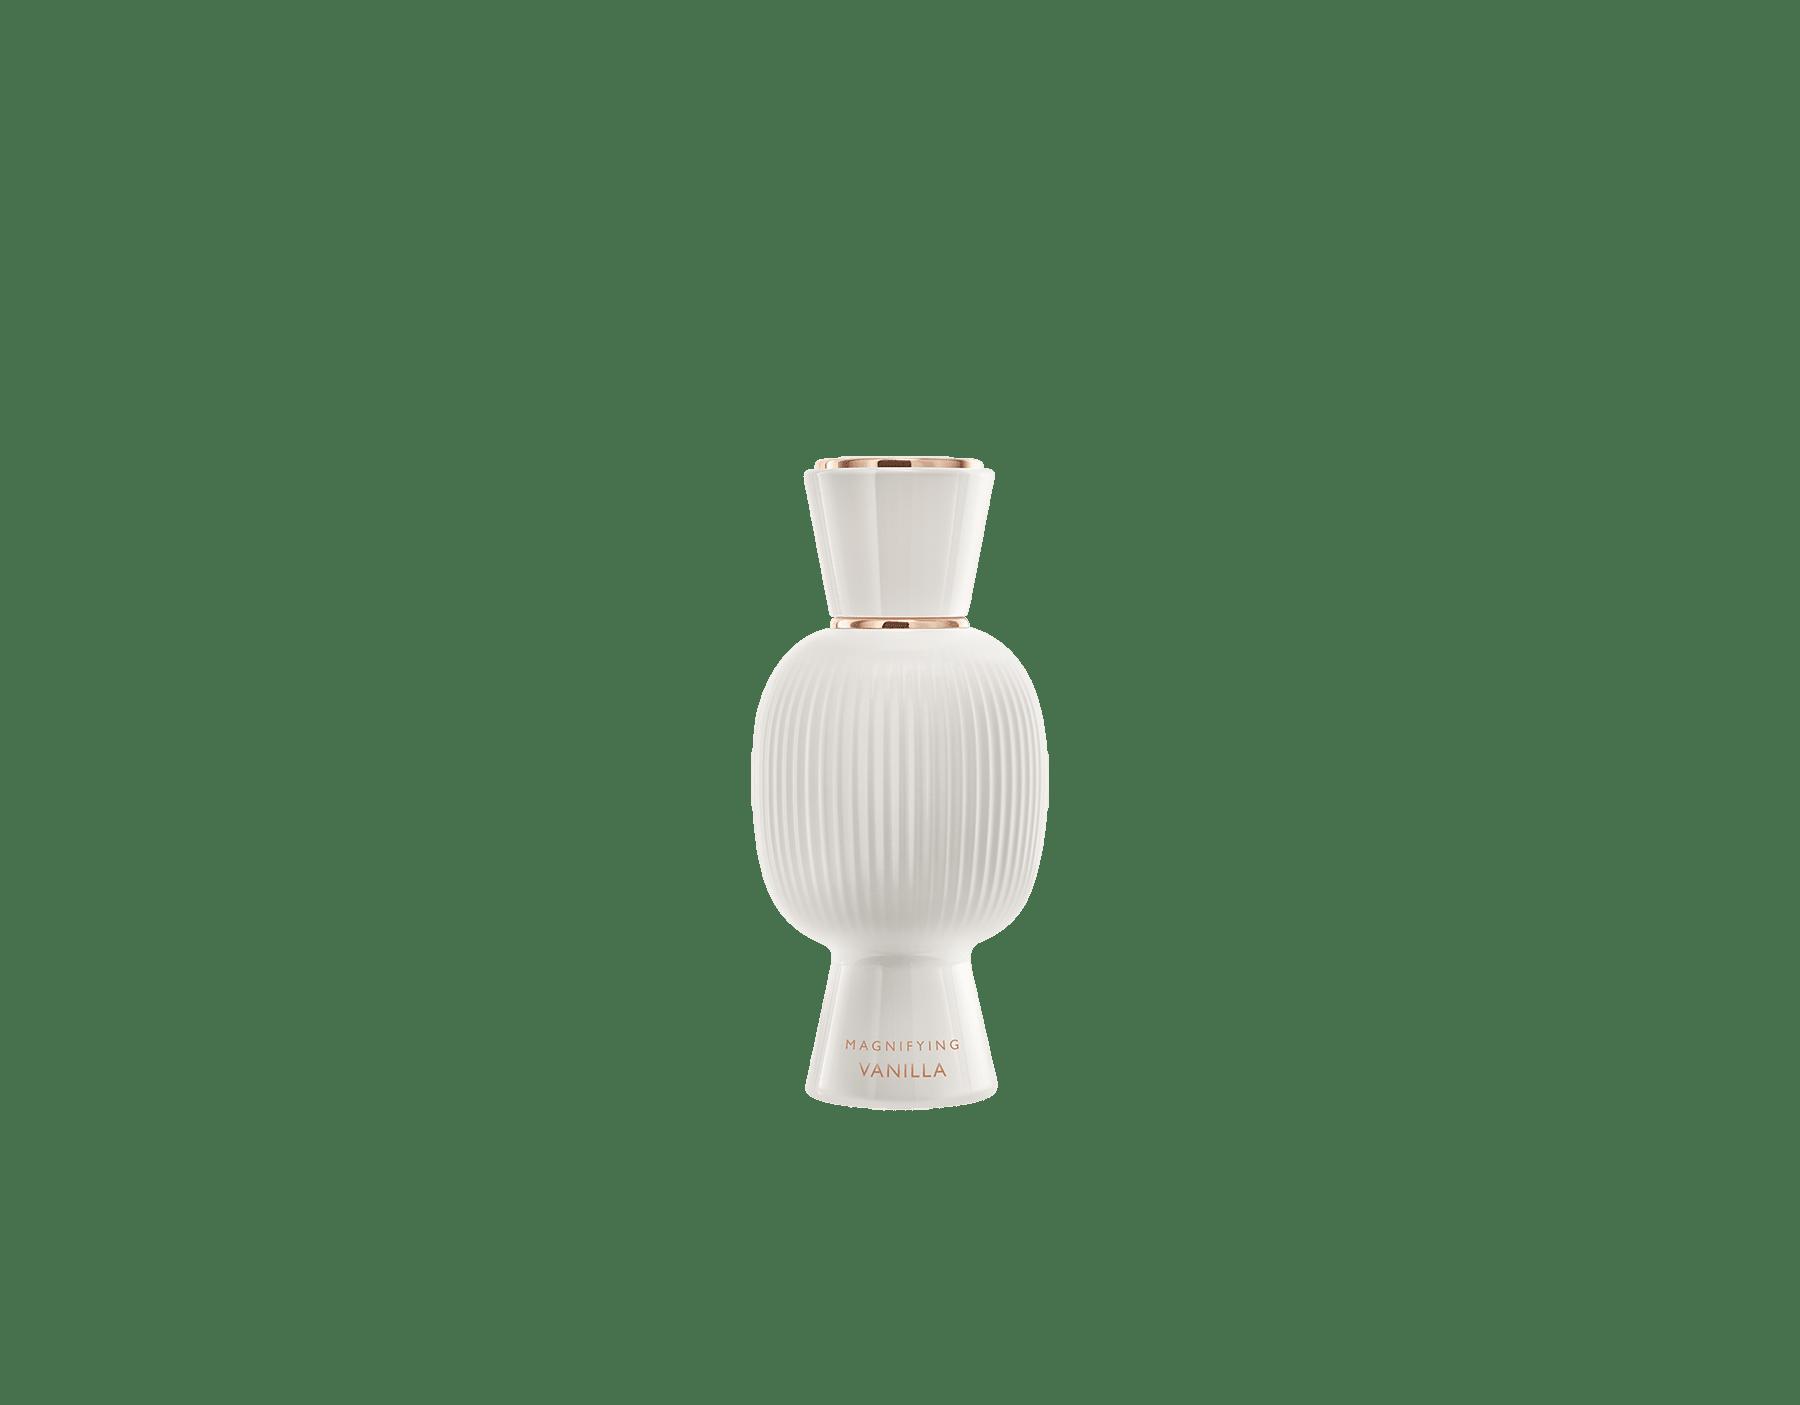 La délicieuse Magnifying Vanilla apporte une addiction séductrice à votre Eau de Parfum. #MagnifyForMore Thrill 41283 image 6